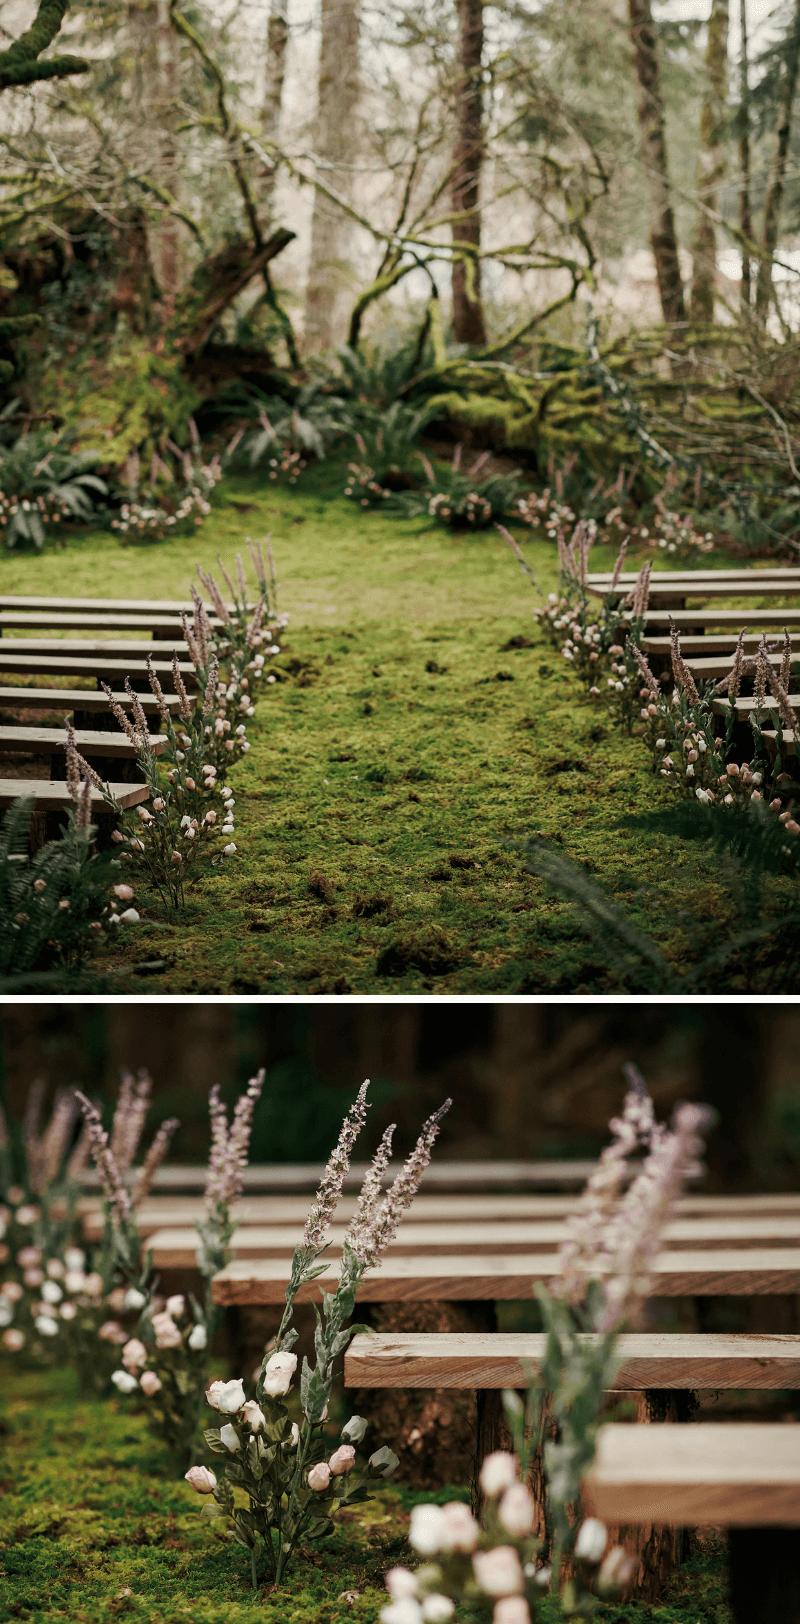 Trauung im Grünen, Hochzeit im Freien